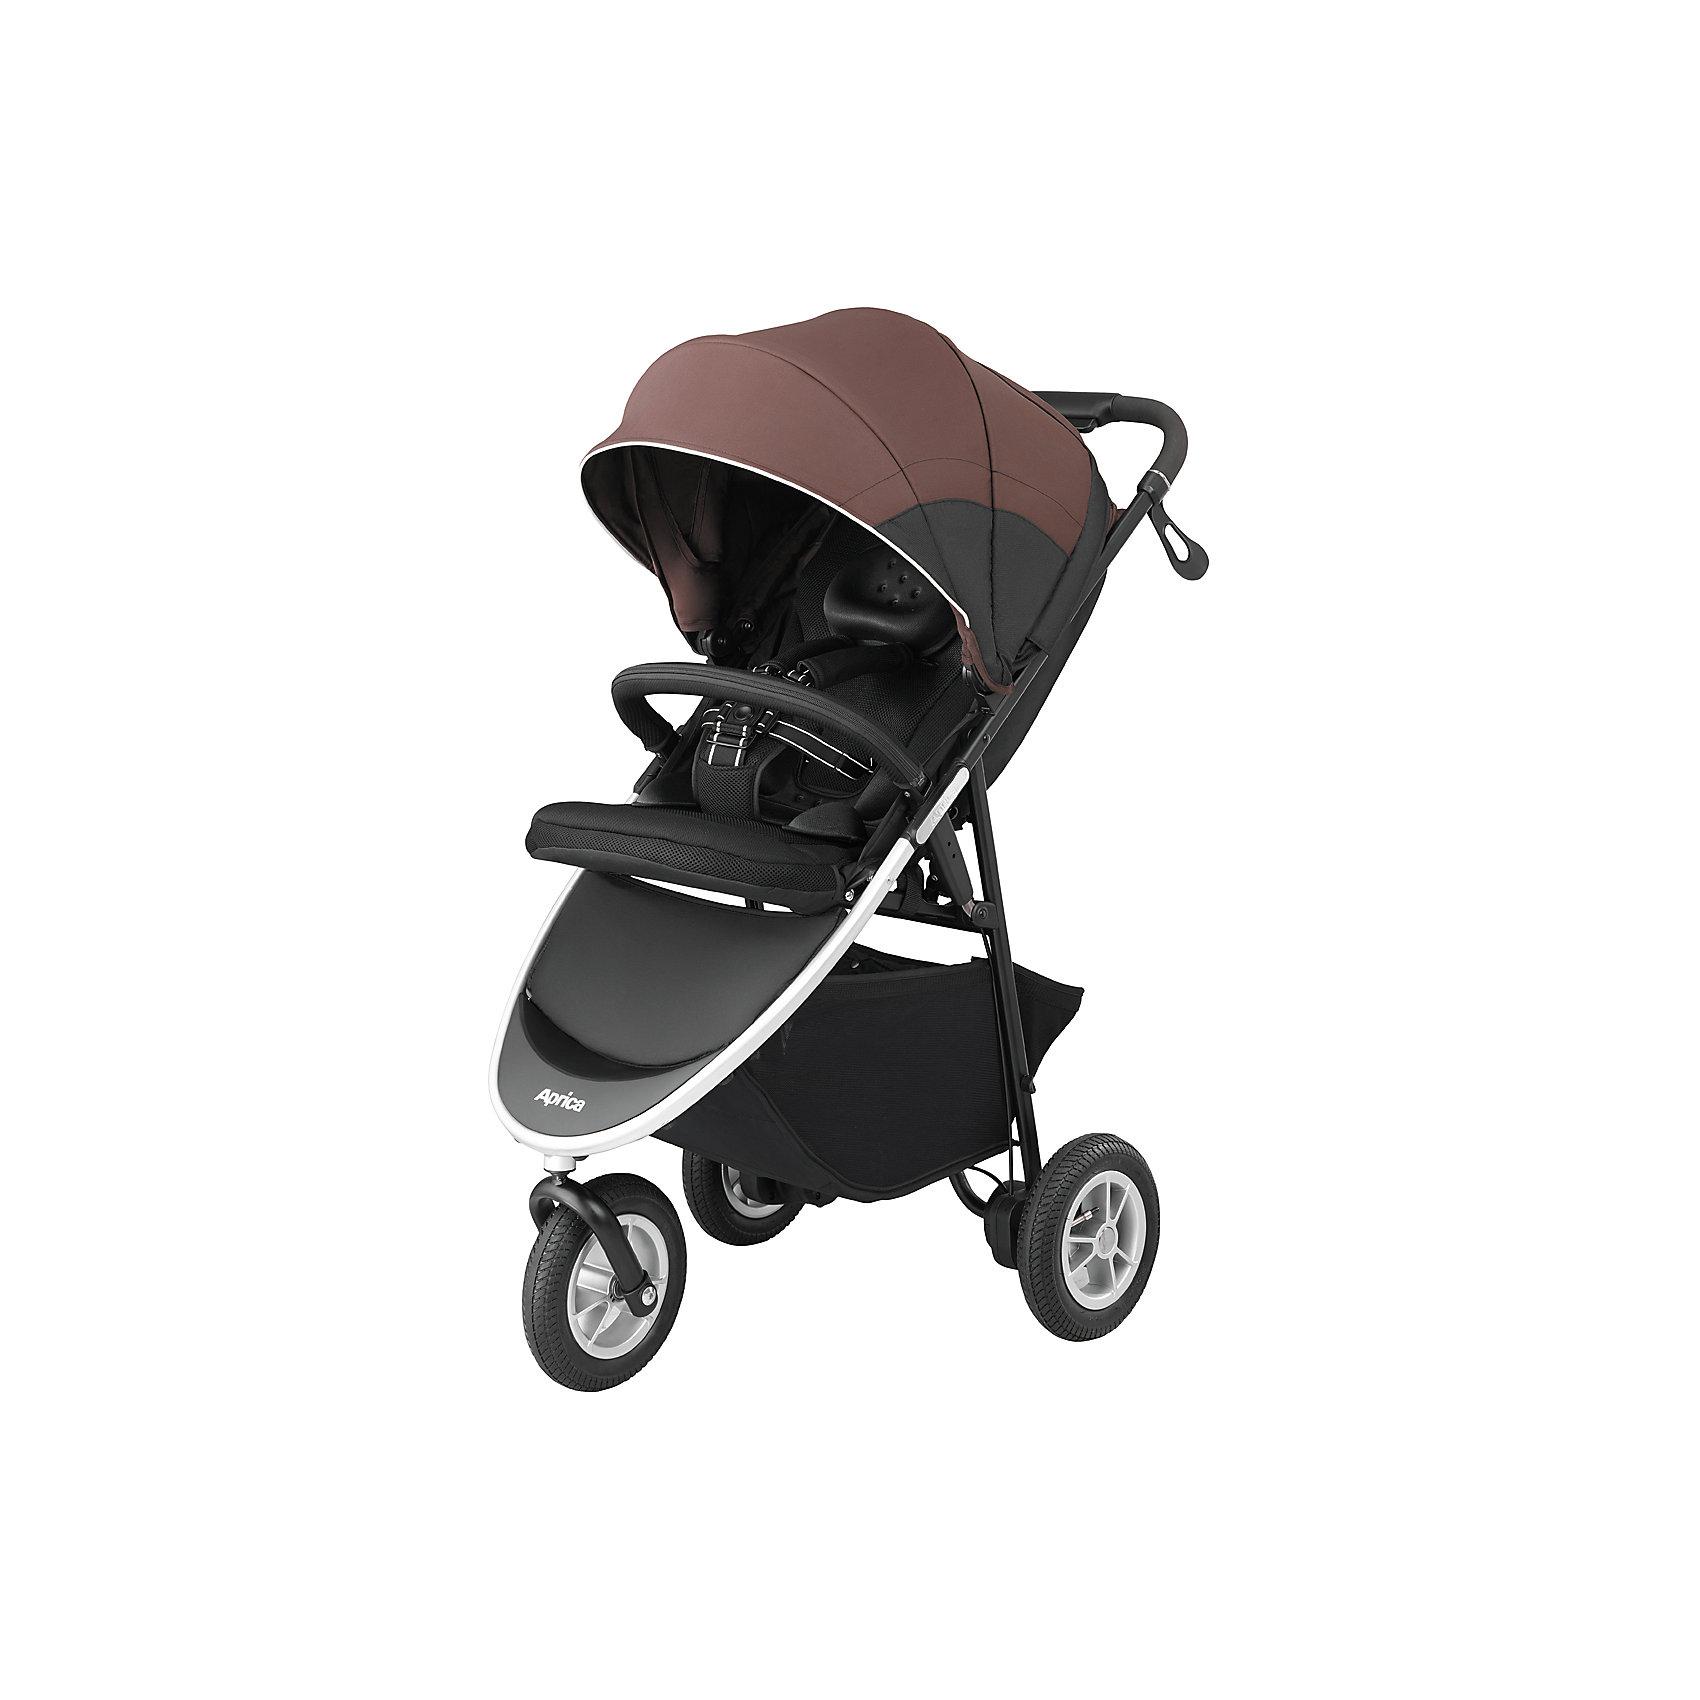 Прогулочная коляска Aprica Smooove, коричневый